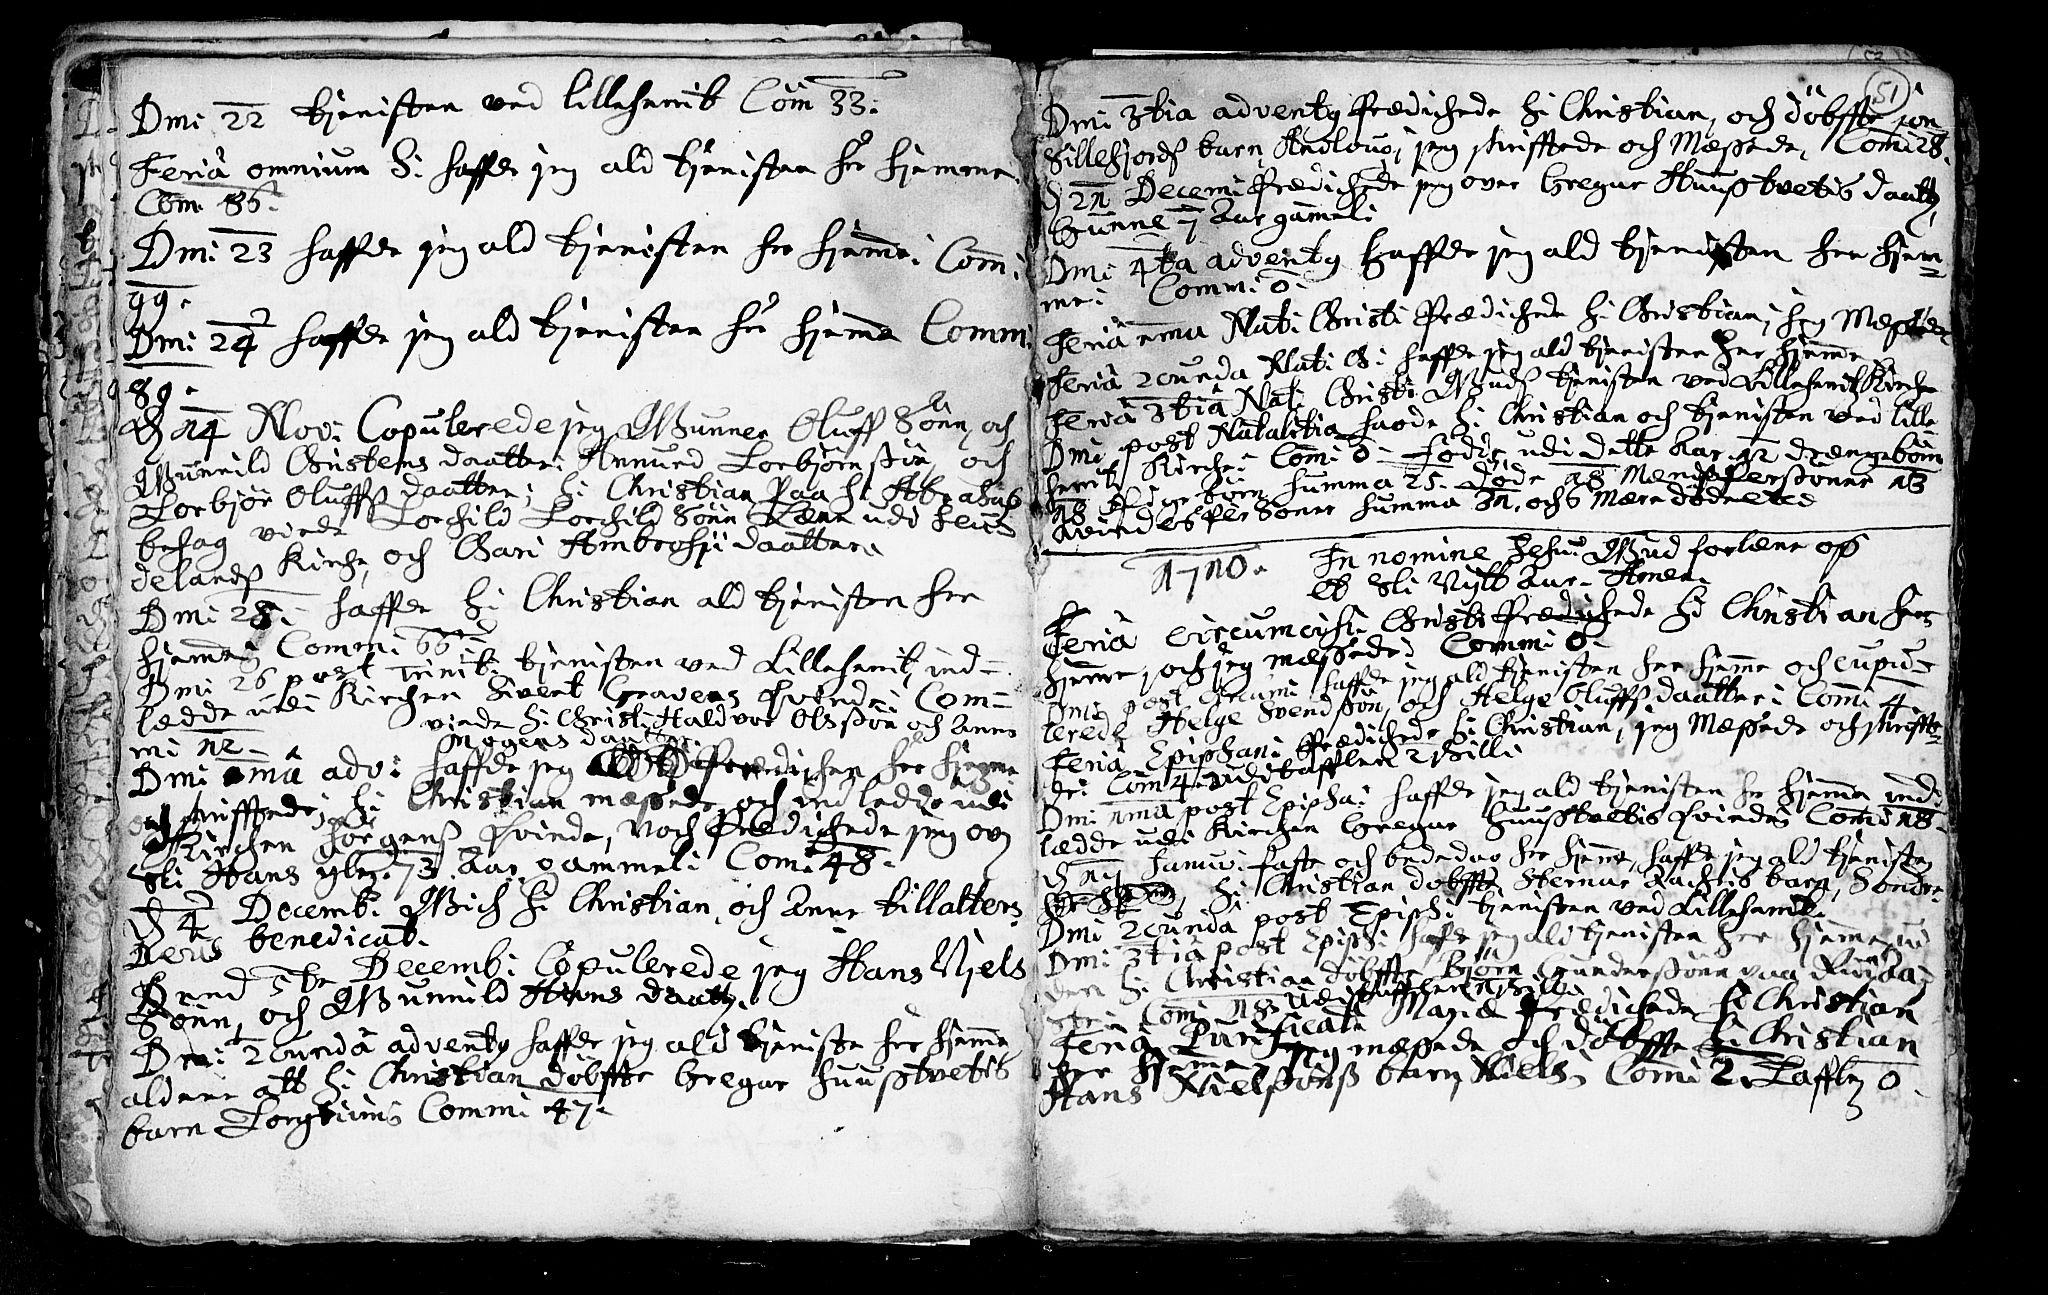 SAKO, Heddal kirkebøker, F/Fa/L0002: Ministerialbok nr. I 2, 1699-1722, s. 51